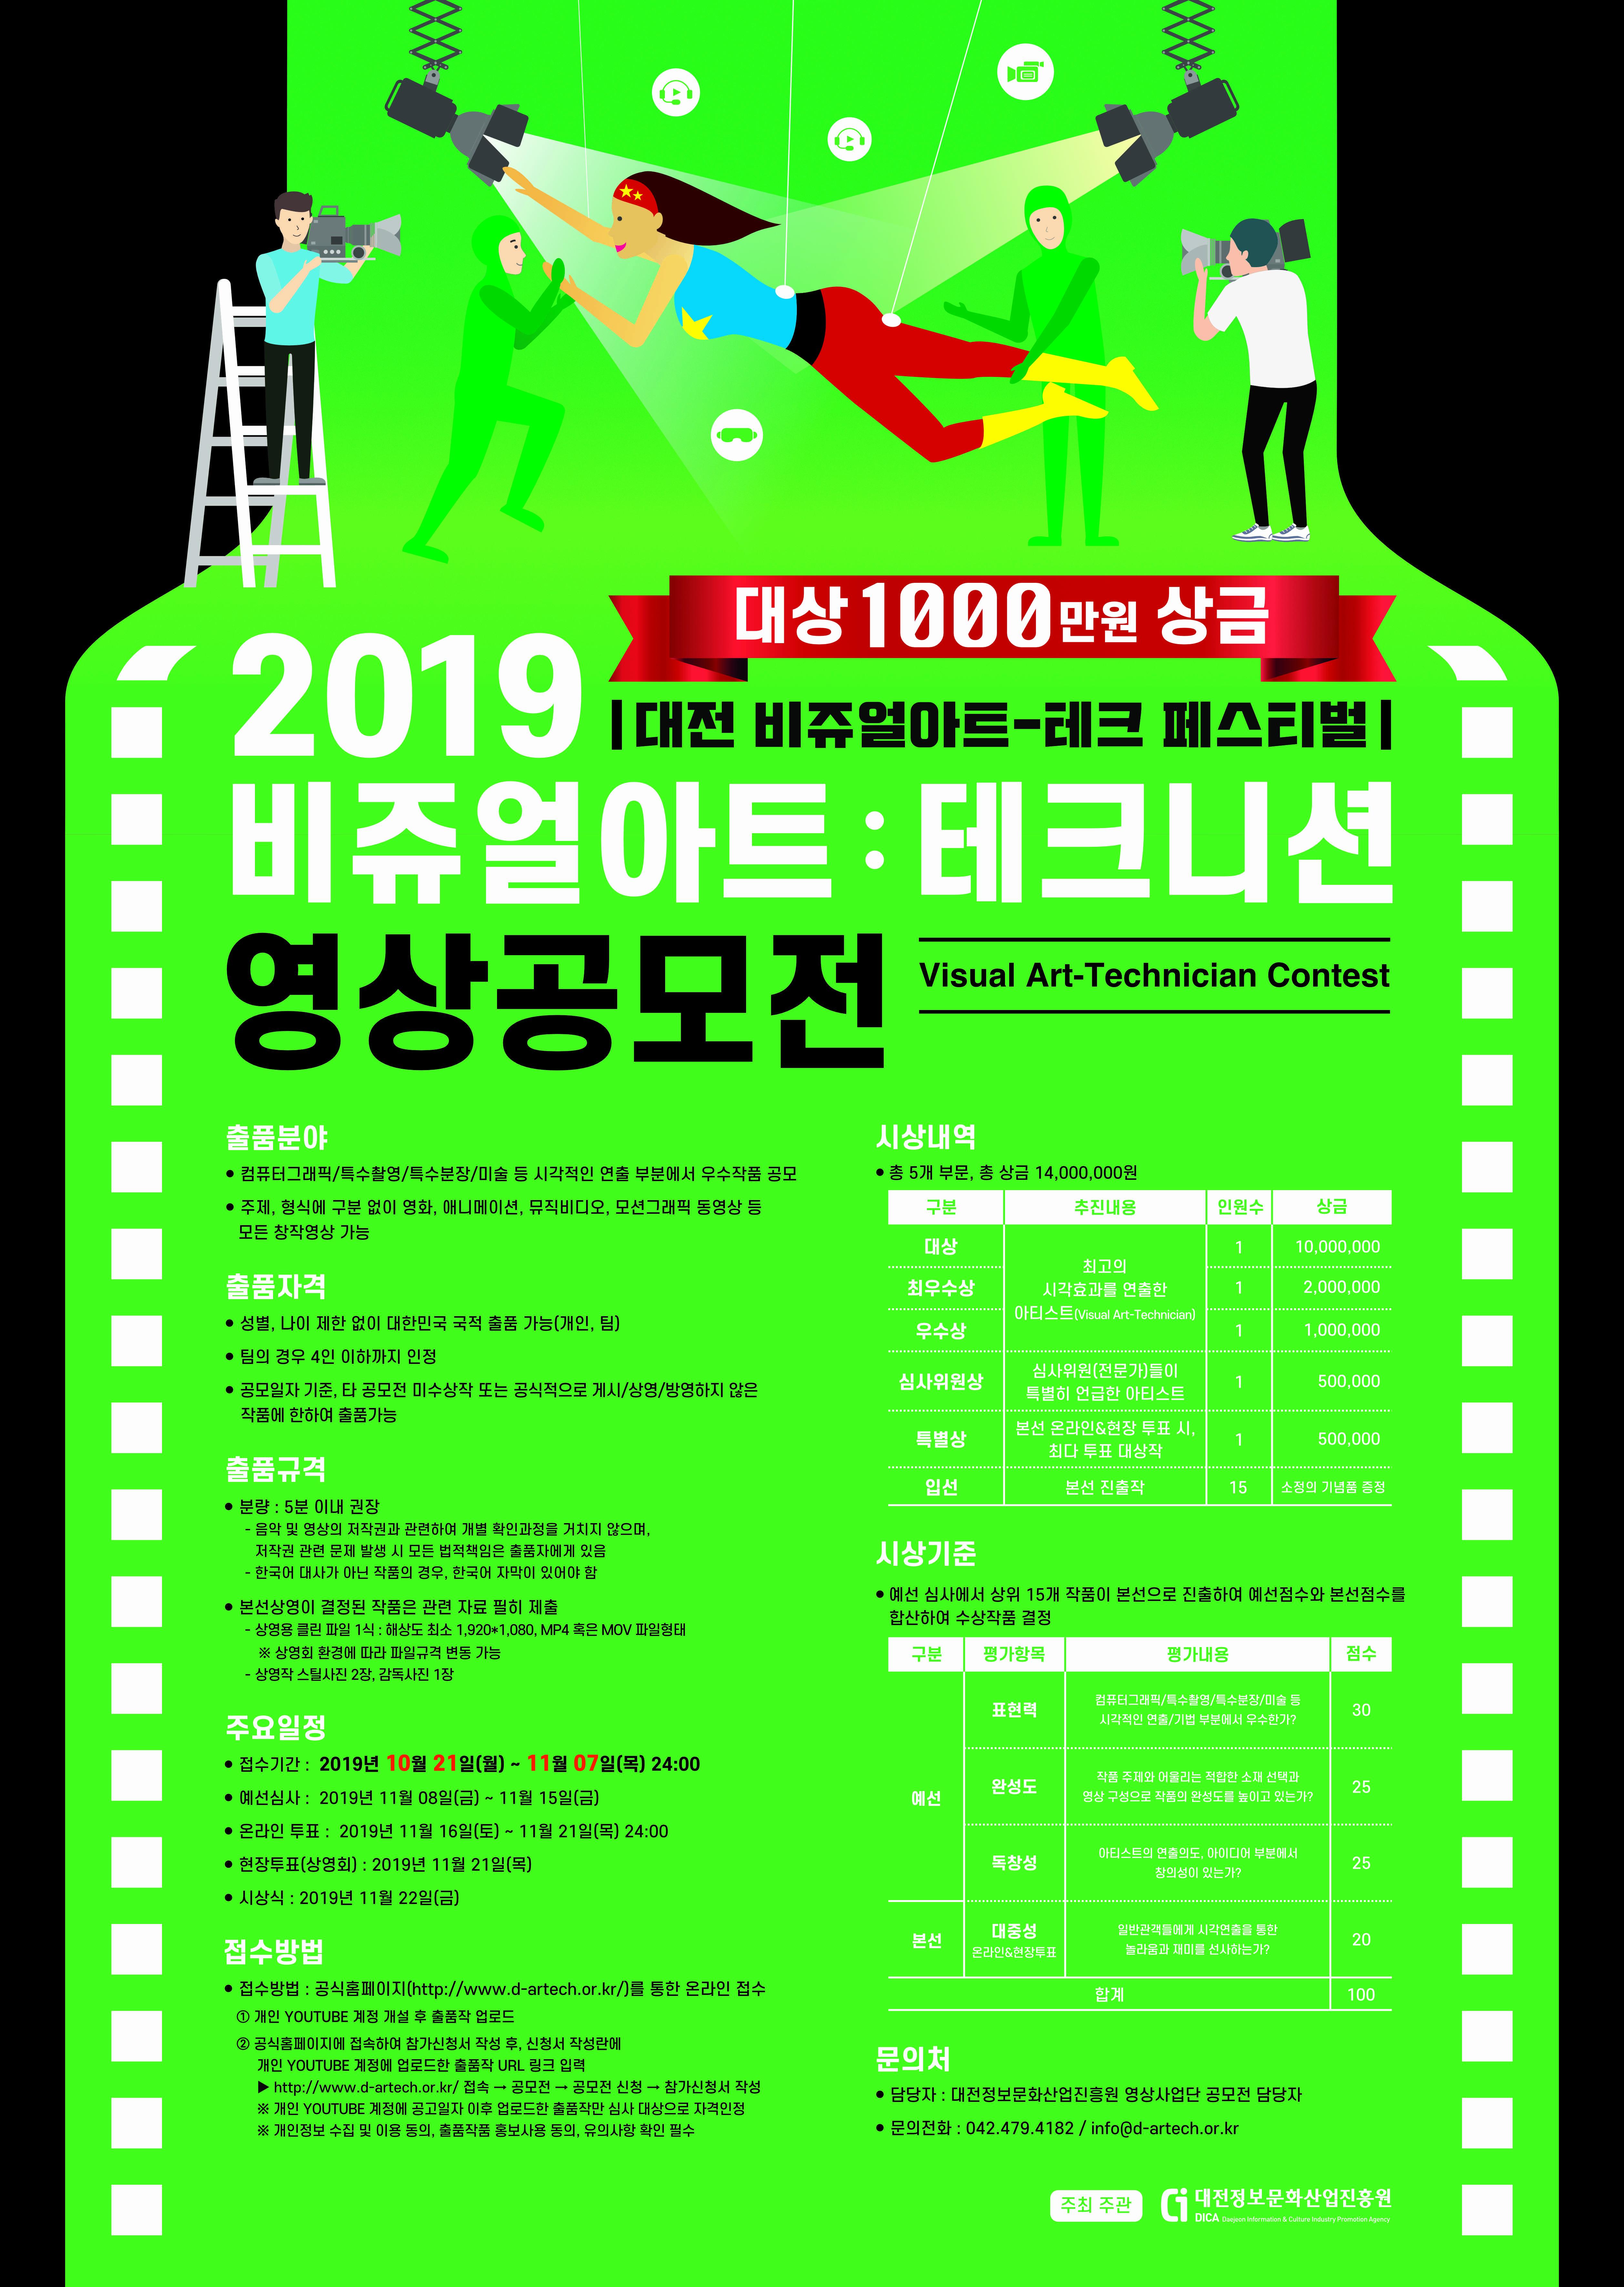 20190919_대전비쥬얼아트테크니션 공모전 포스터 확정 426x600.jpg